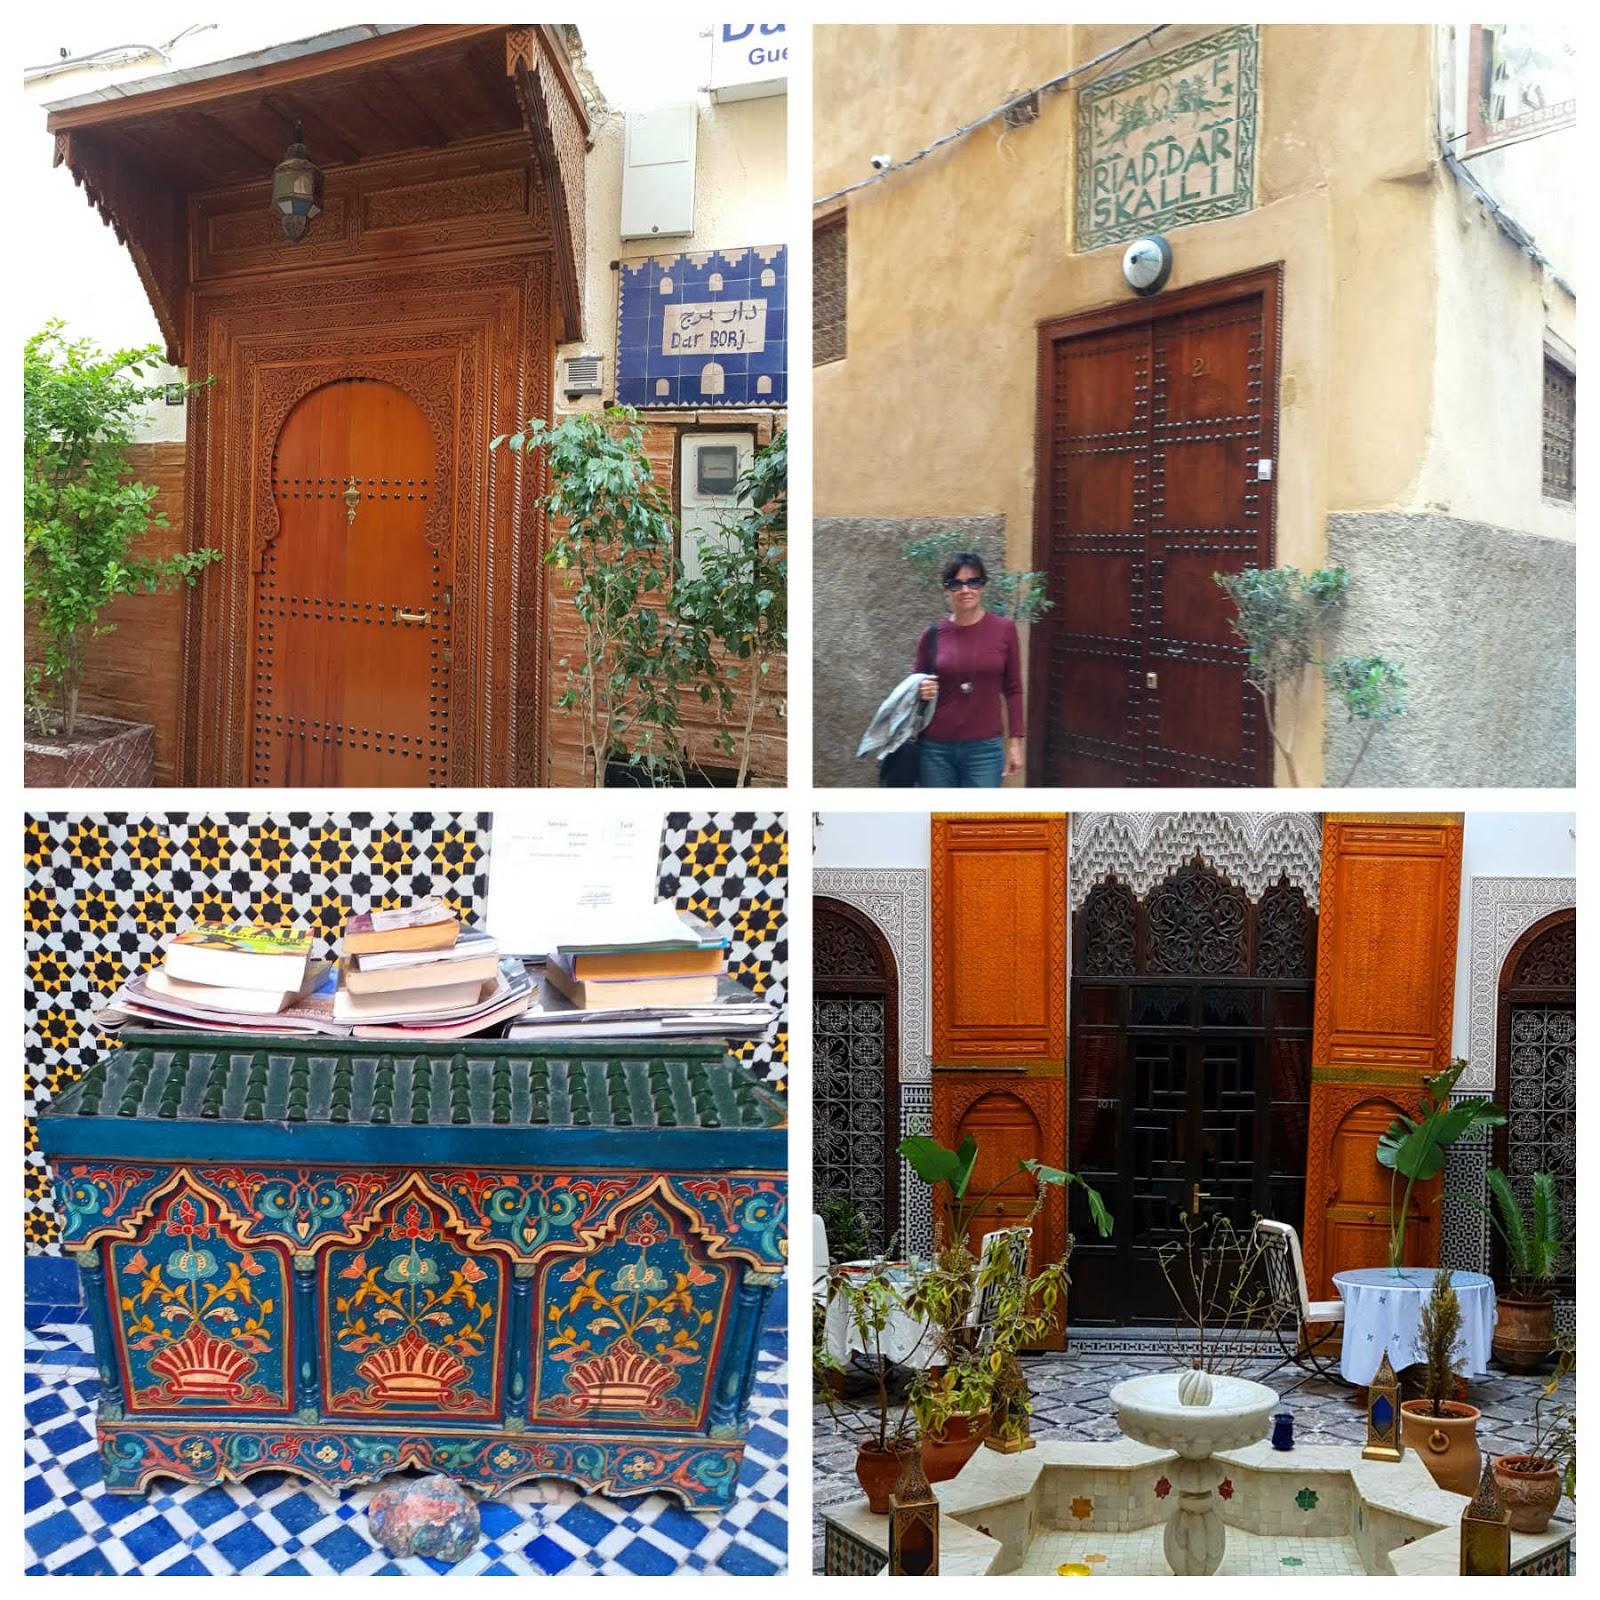 Hotel em Marrocos,dicas de hospedagem